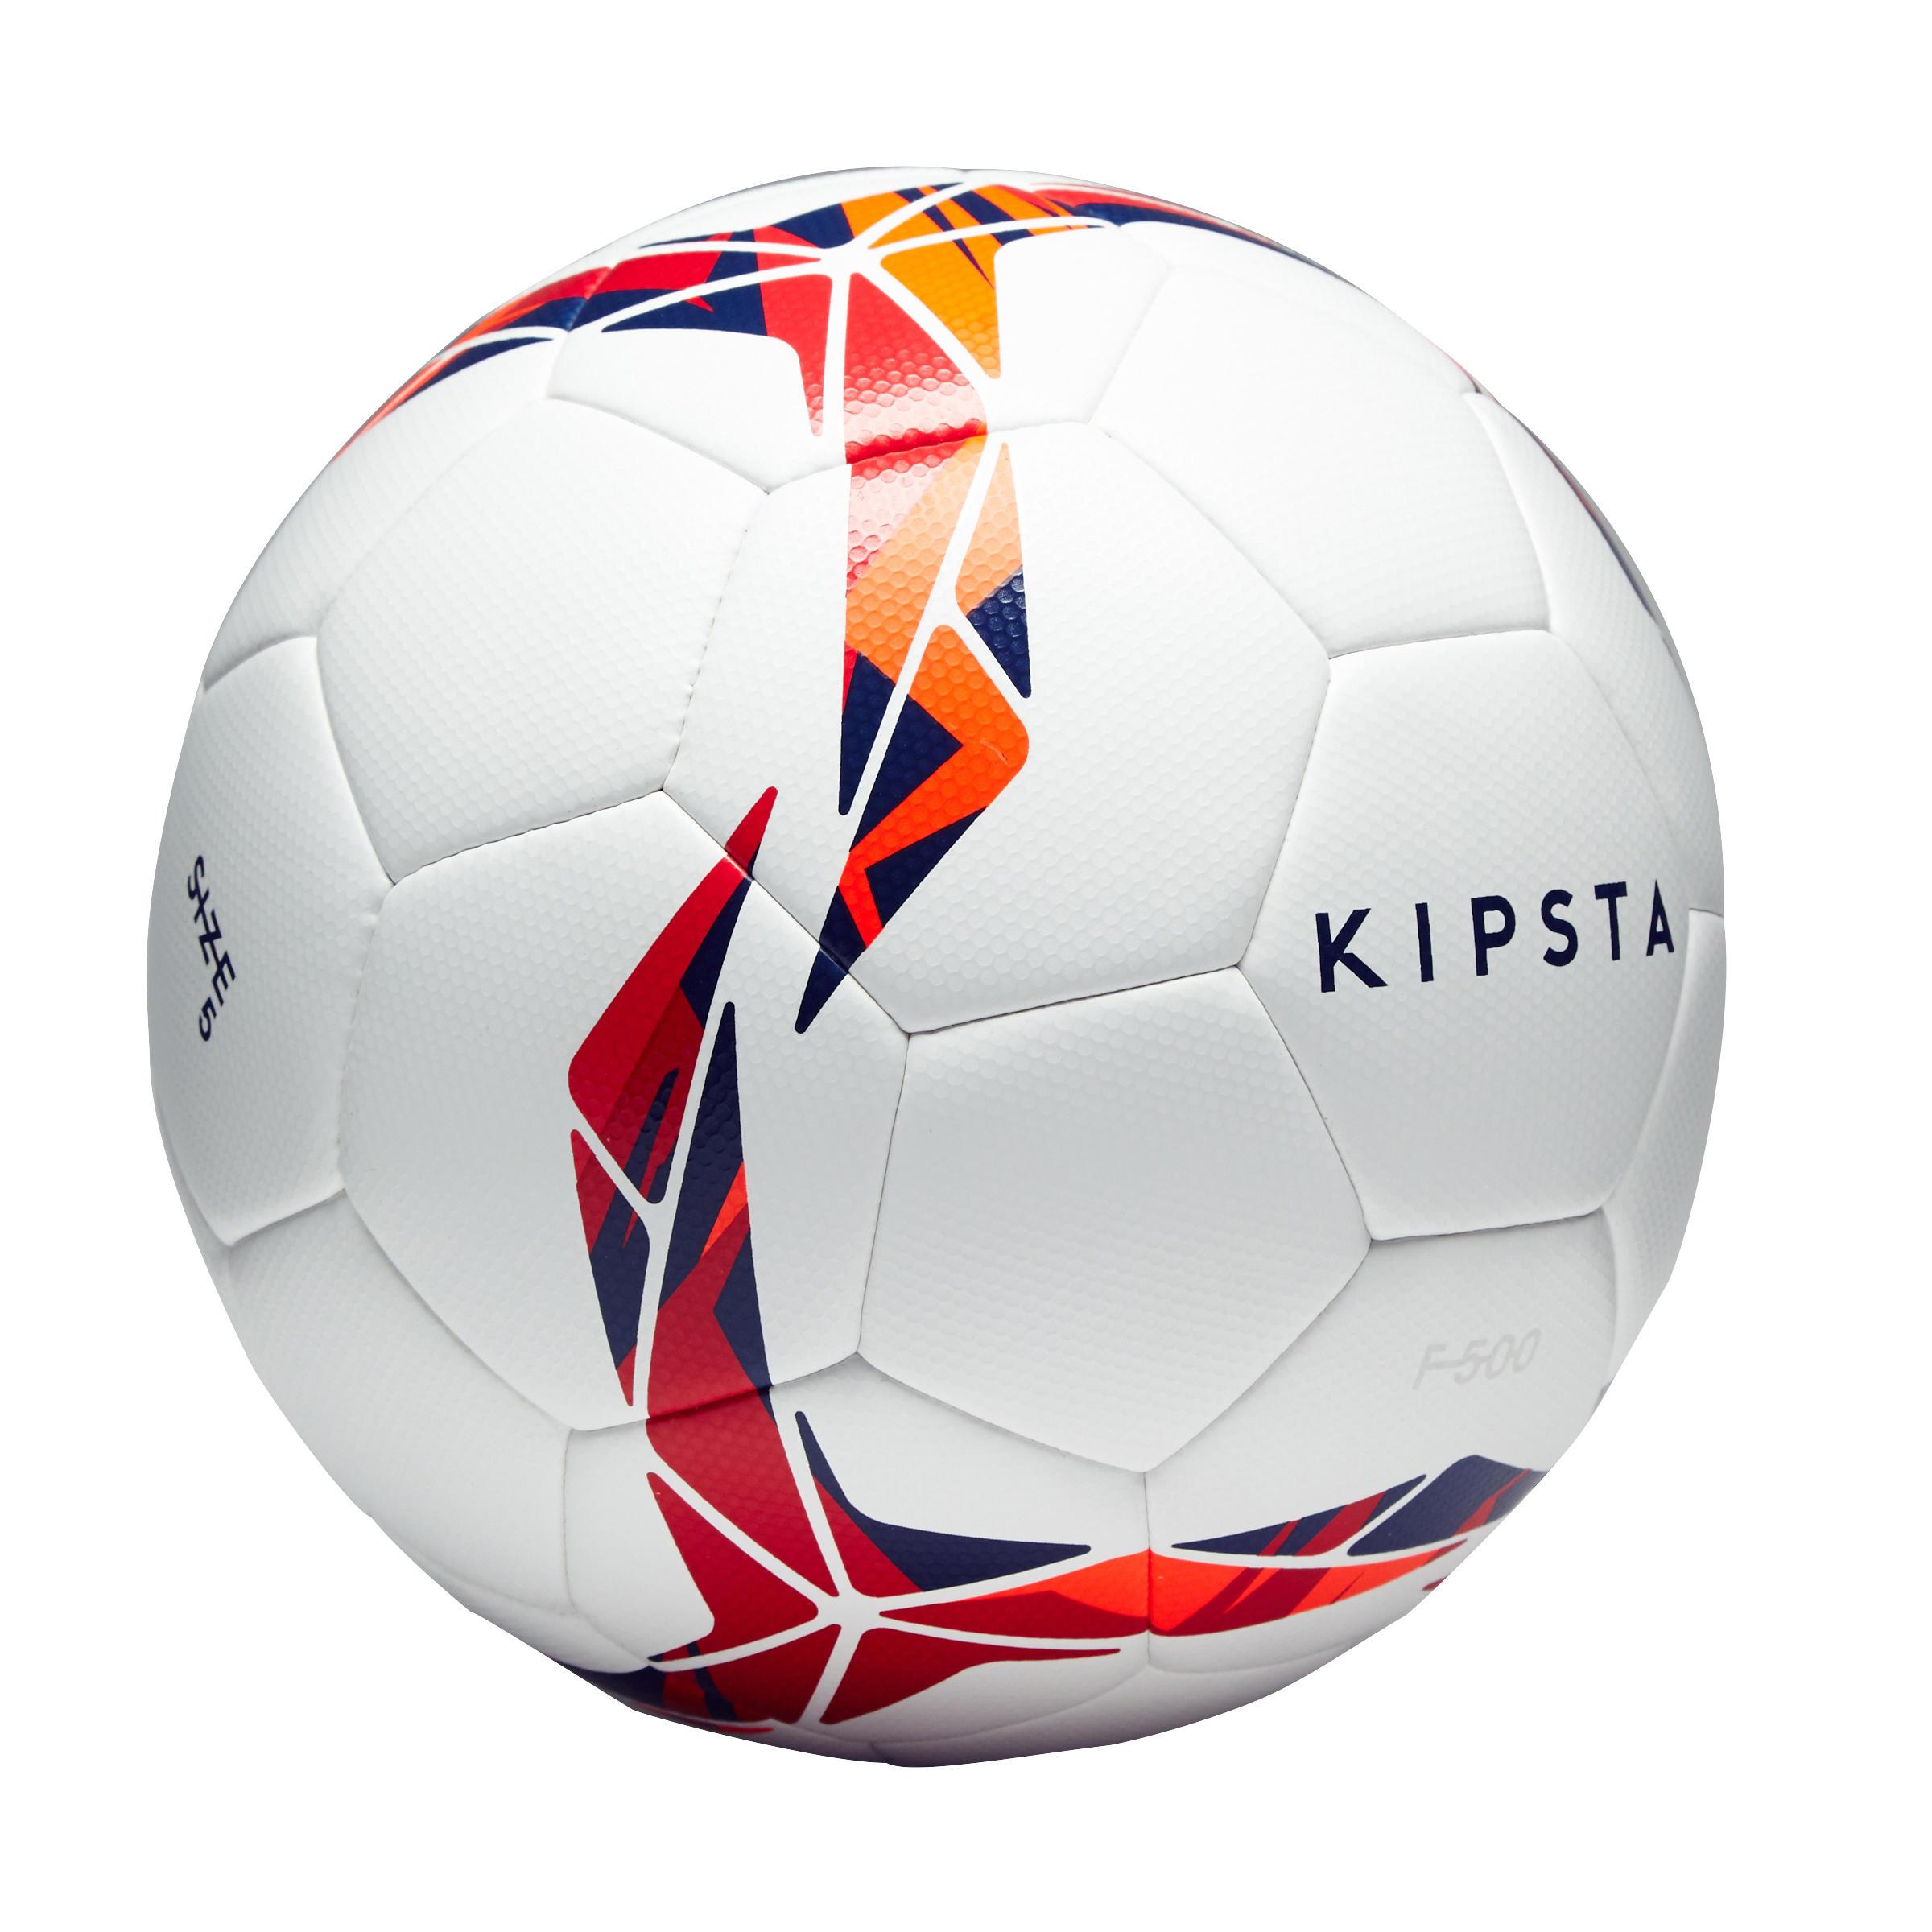 Comprar Balones de Fútbol 11 y Fútbol 7  e0d45169b4bdf